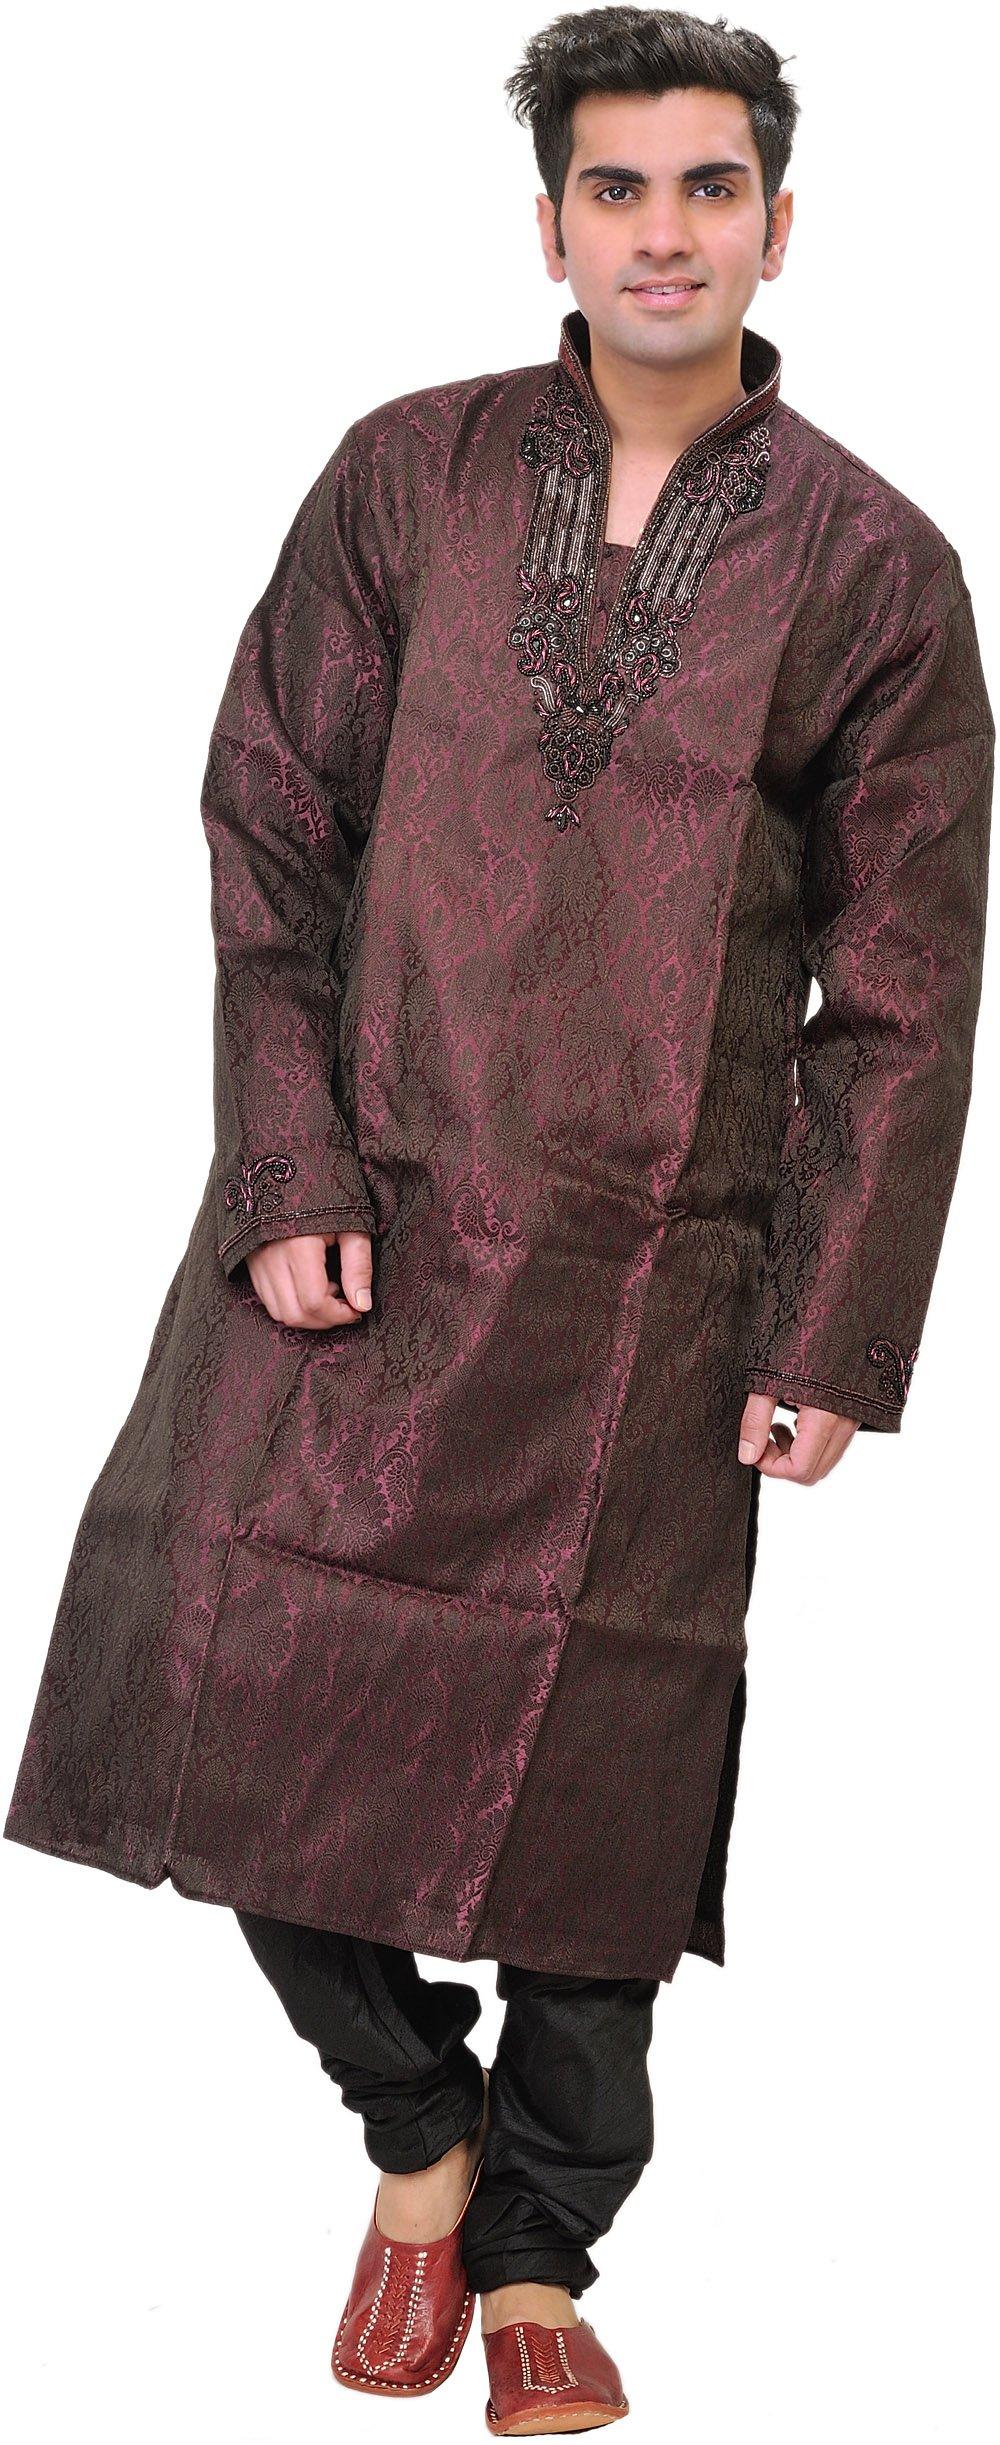 Exotic India tulipwood Self-Weave Wedding Kurt - Purple Size 38